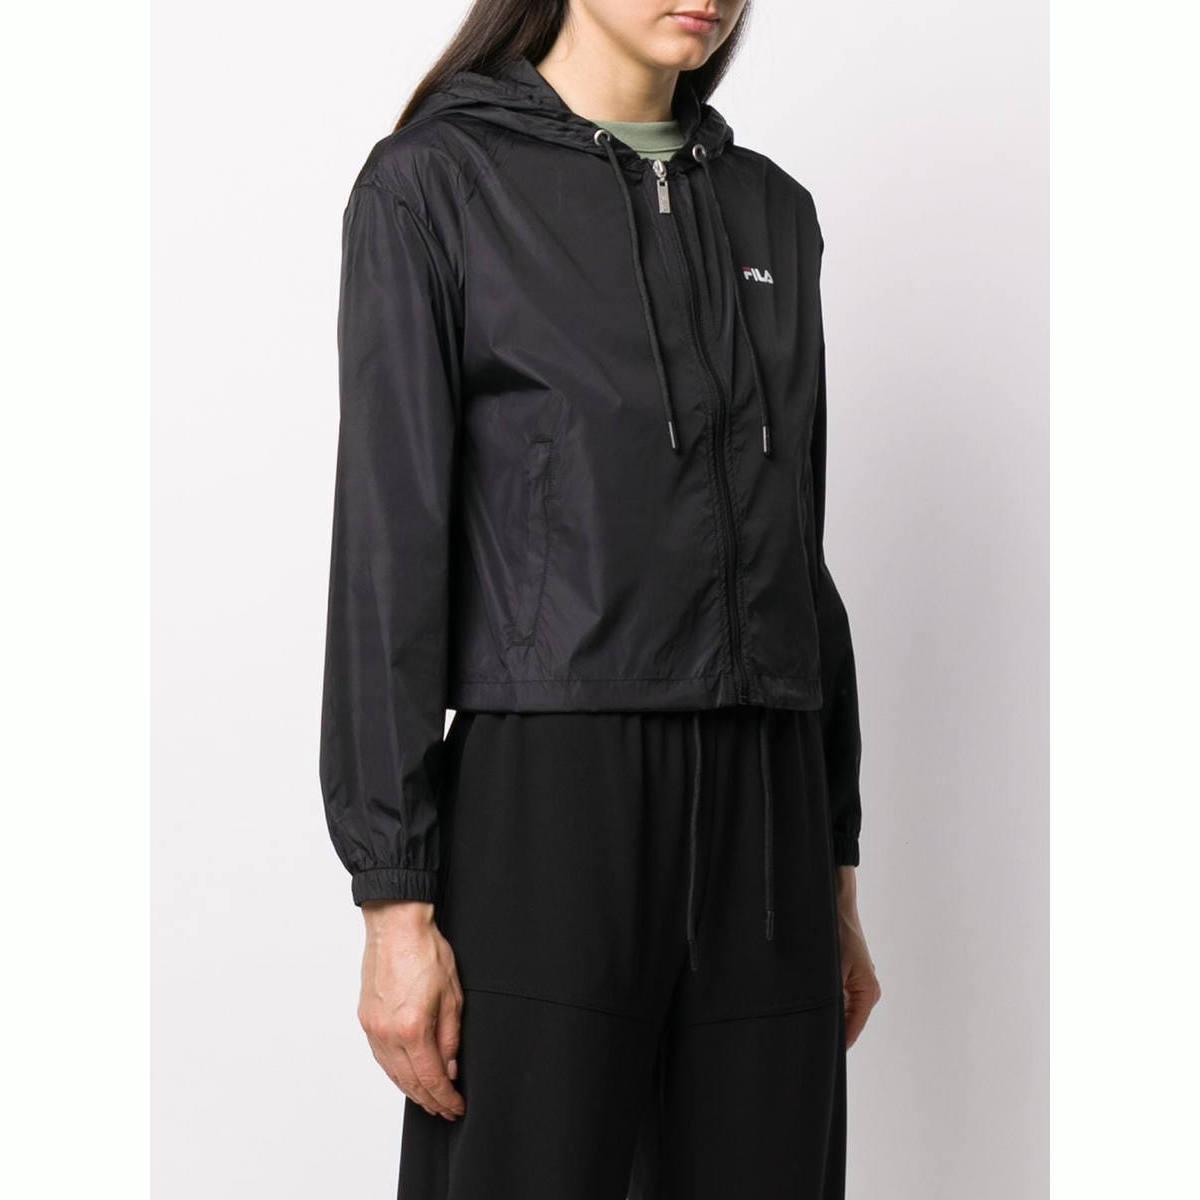 Fila|Earlene Woven Jacket